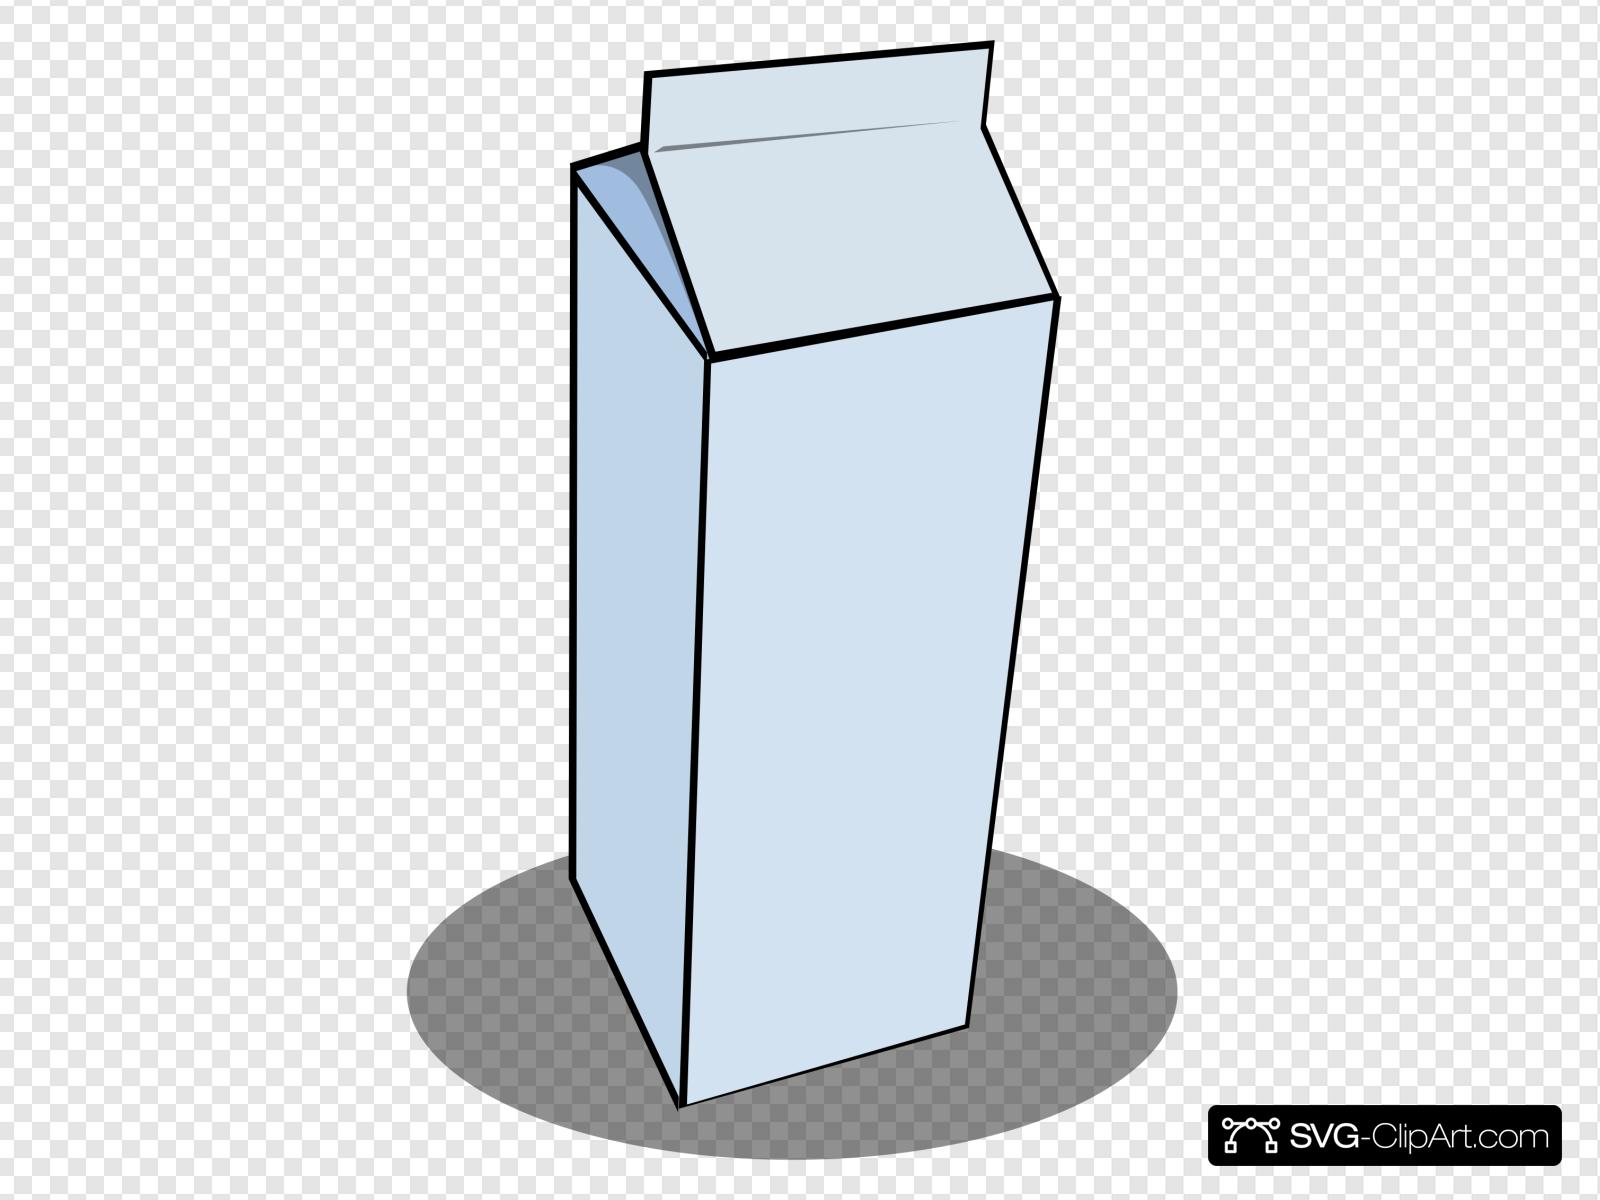 Milk carton clipart free library Milk Carton Clip art, Icon and SVG - SVG Clipart free library